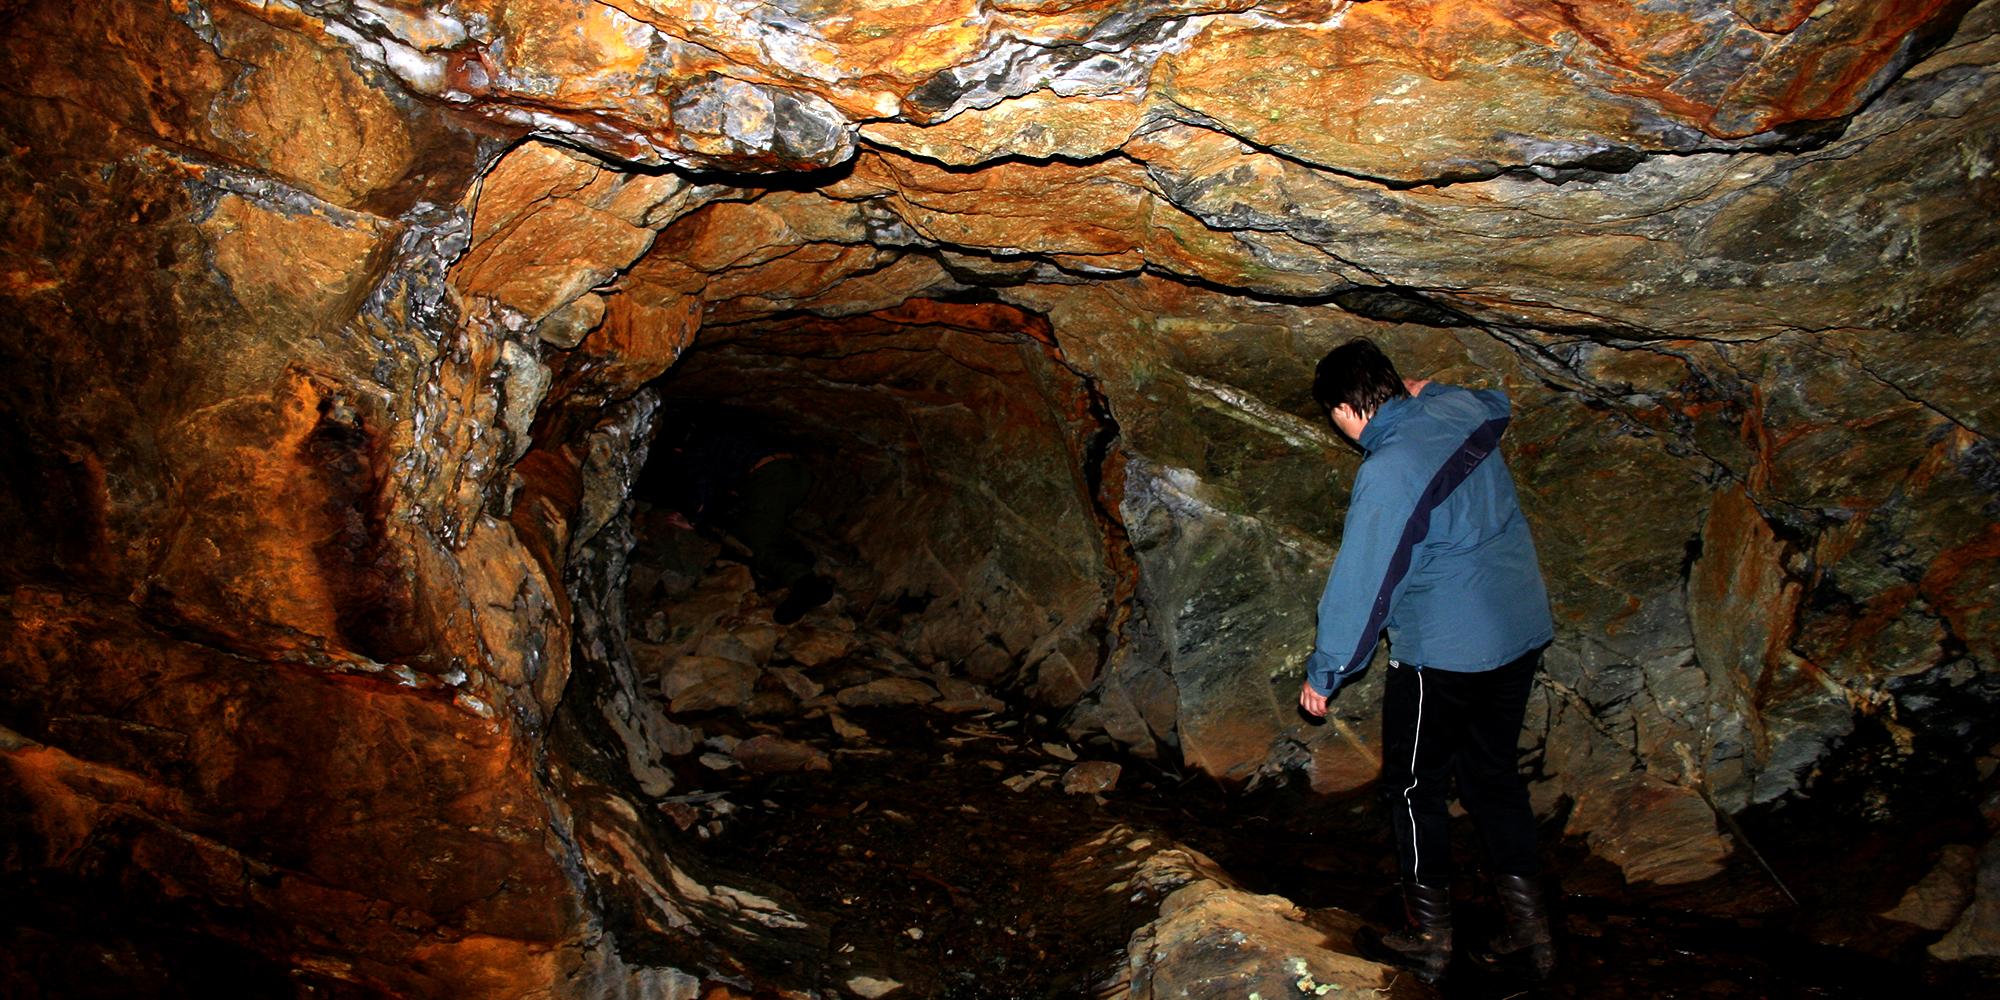 Mokk farm - in the mine. Copyright: Mokk gård